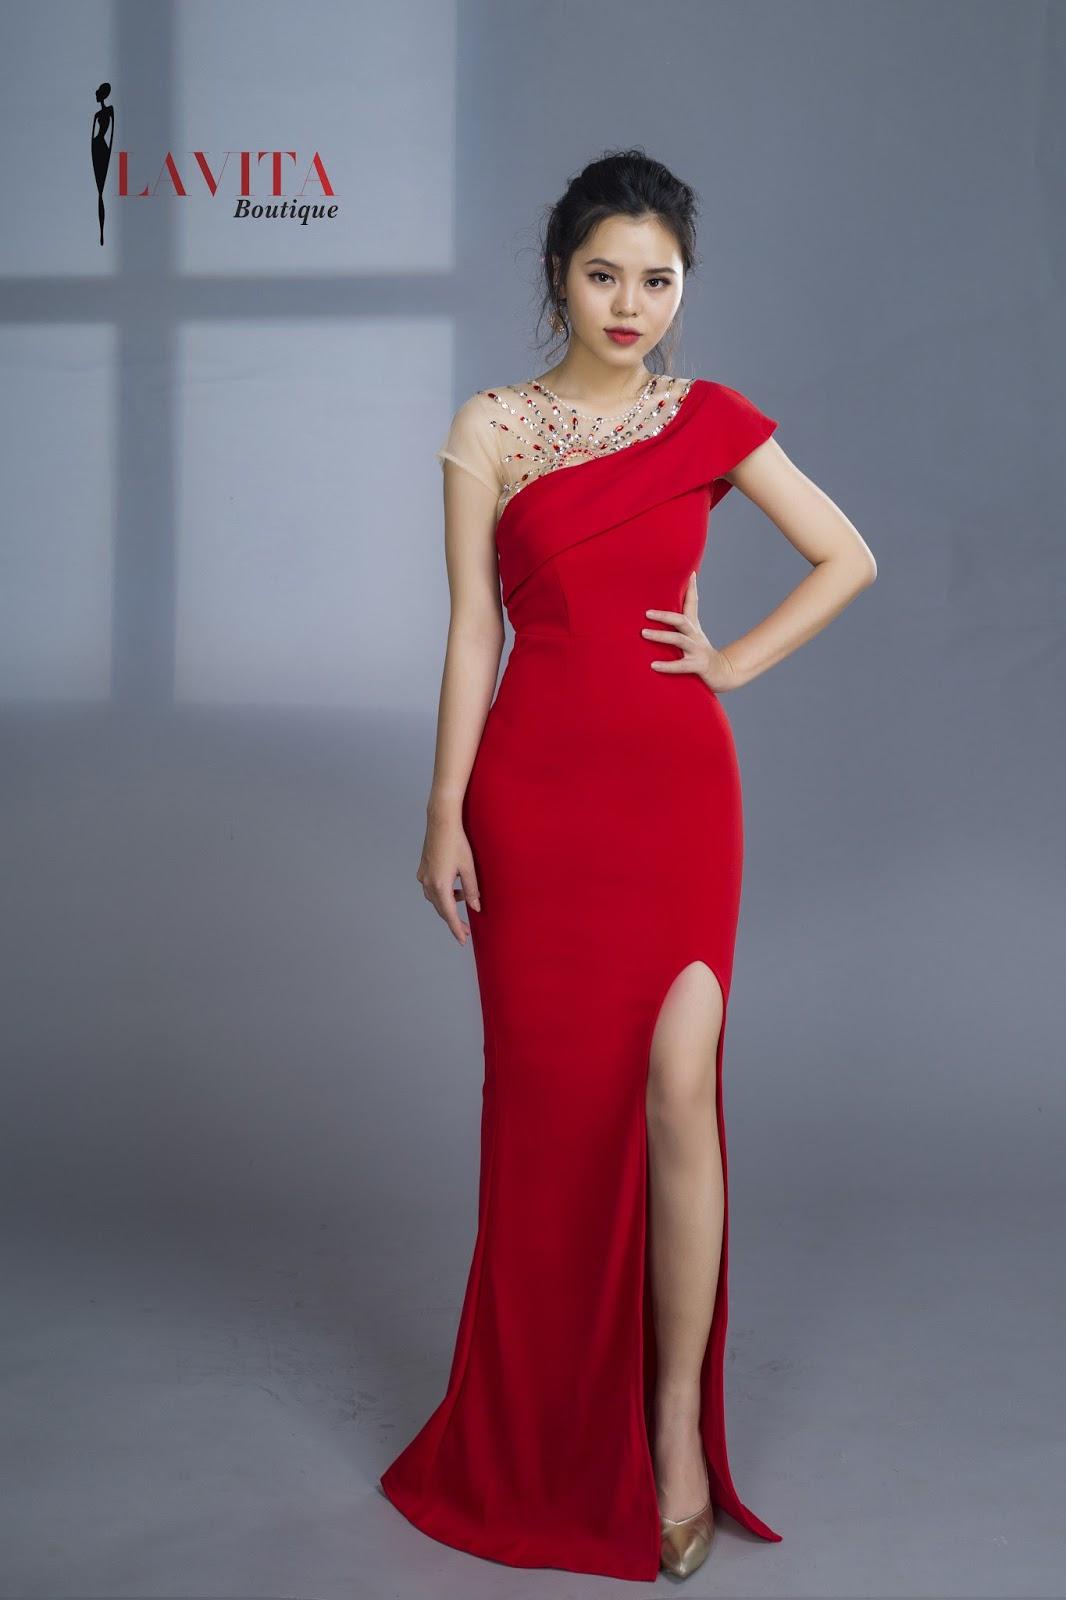 Váy đầm dự tiệc cưới Váy đầm dự tiệc cưới Một vài mẹo cực hay khi diện váy đầm dự tiệc cưới Vay dam du tiec cuoi